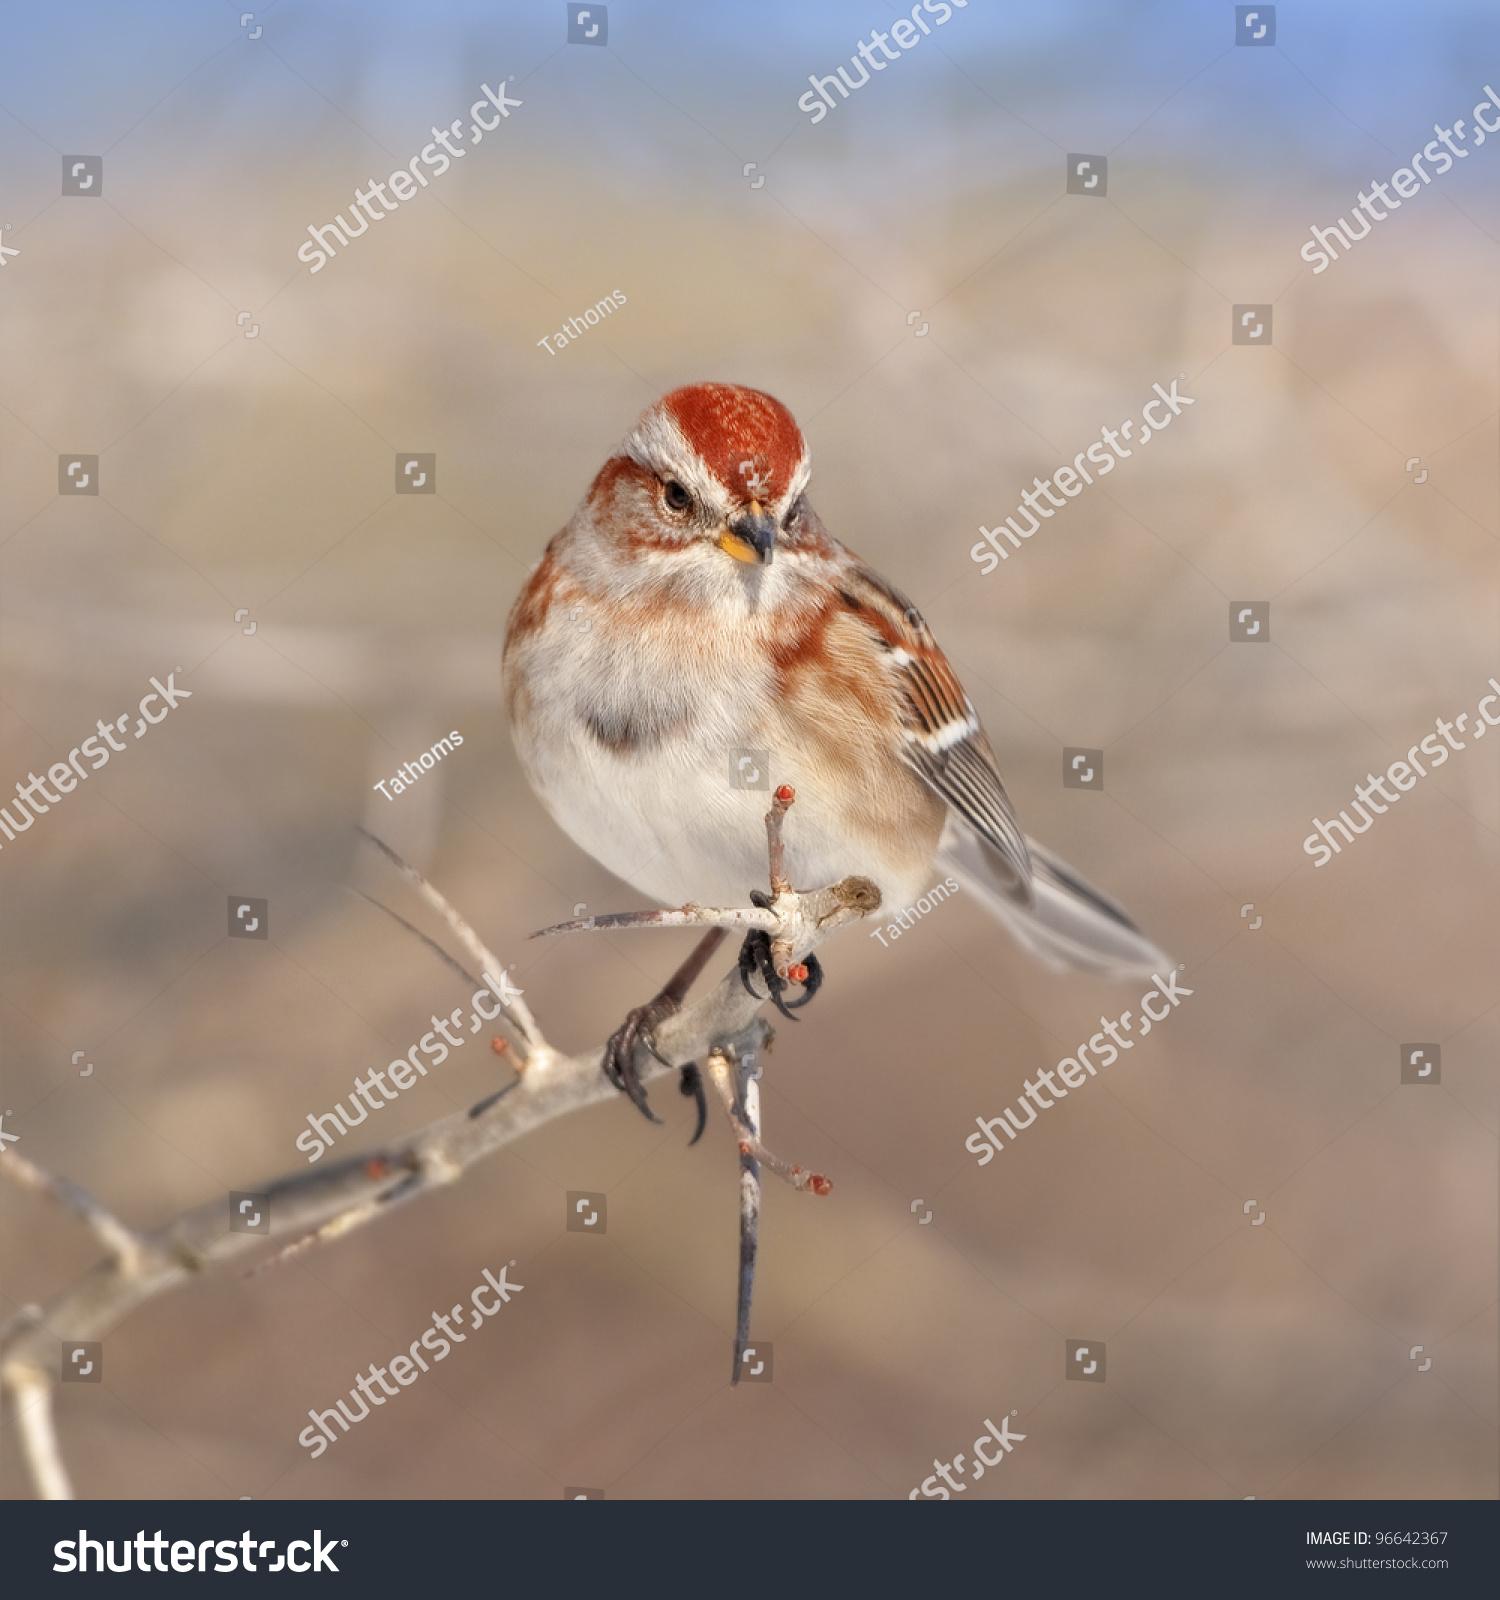 American Tree sparrow. Latin name - Spizella arborea.